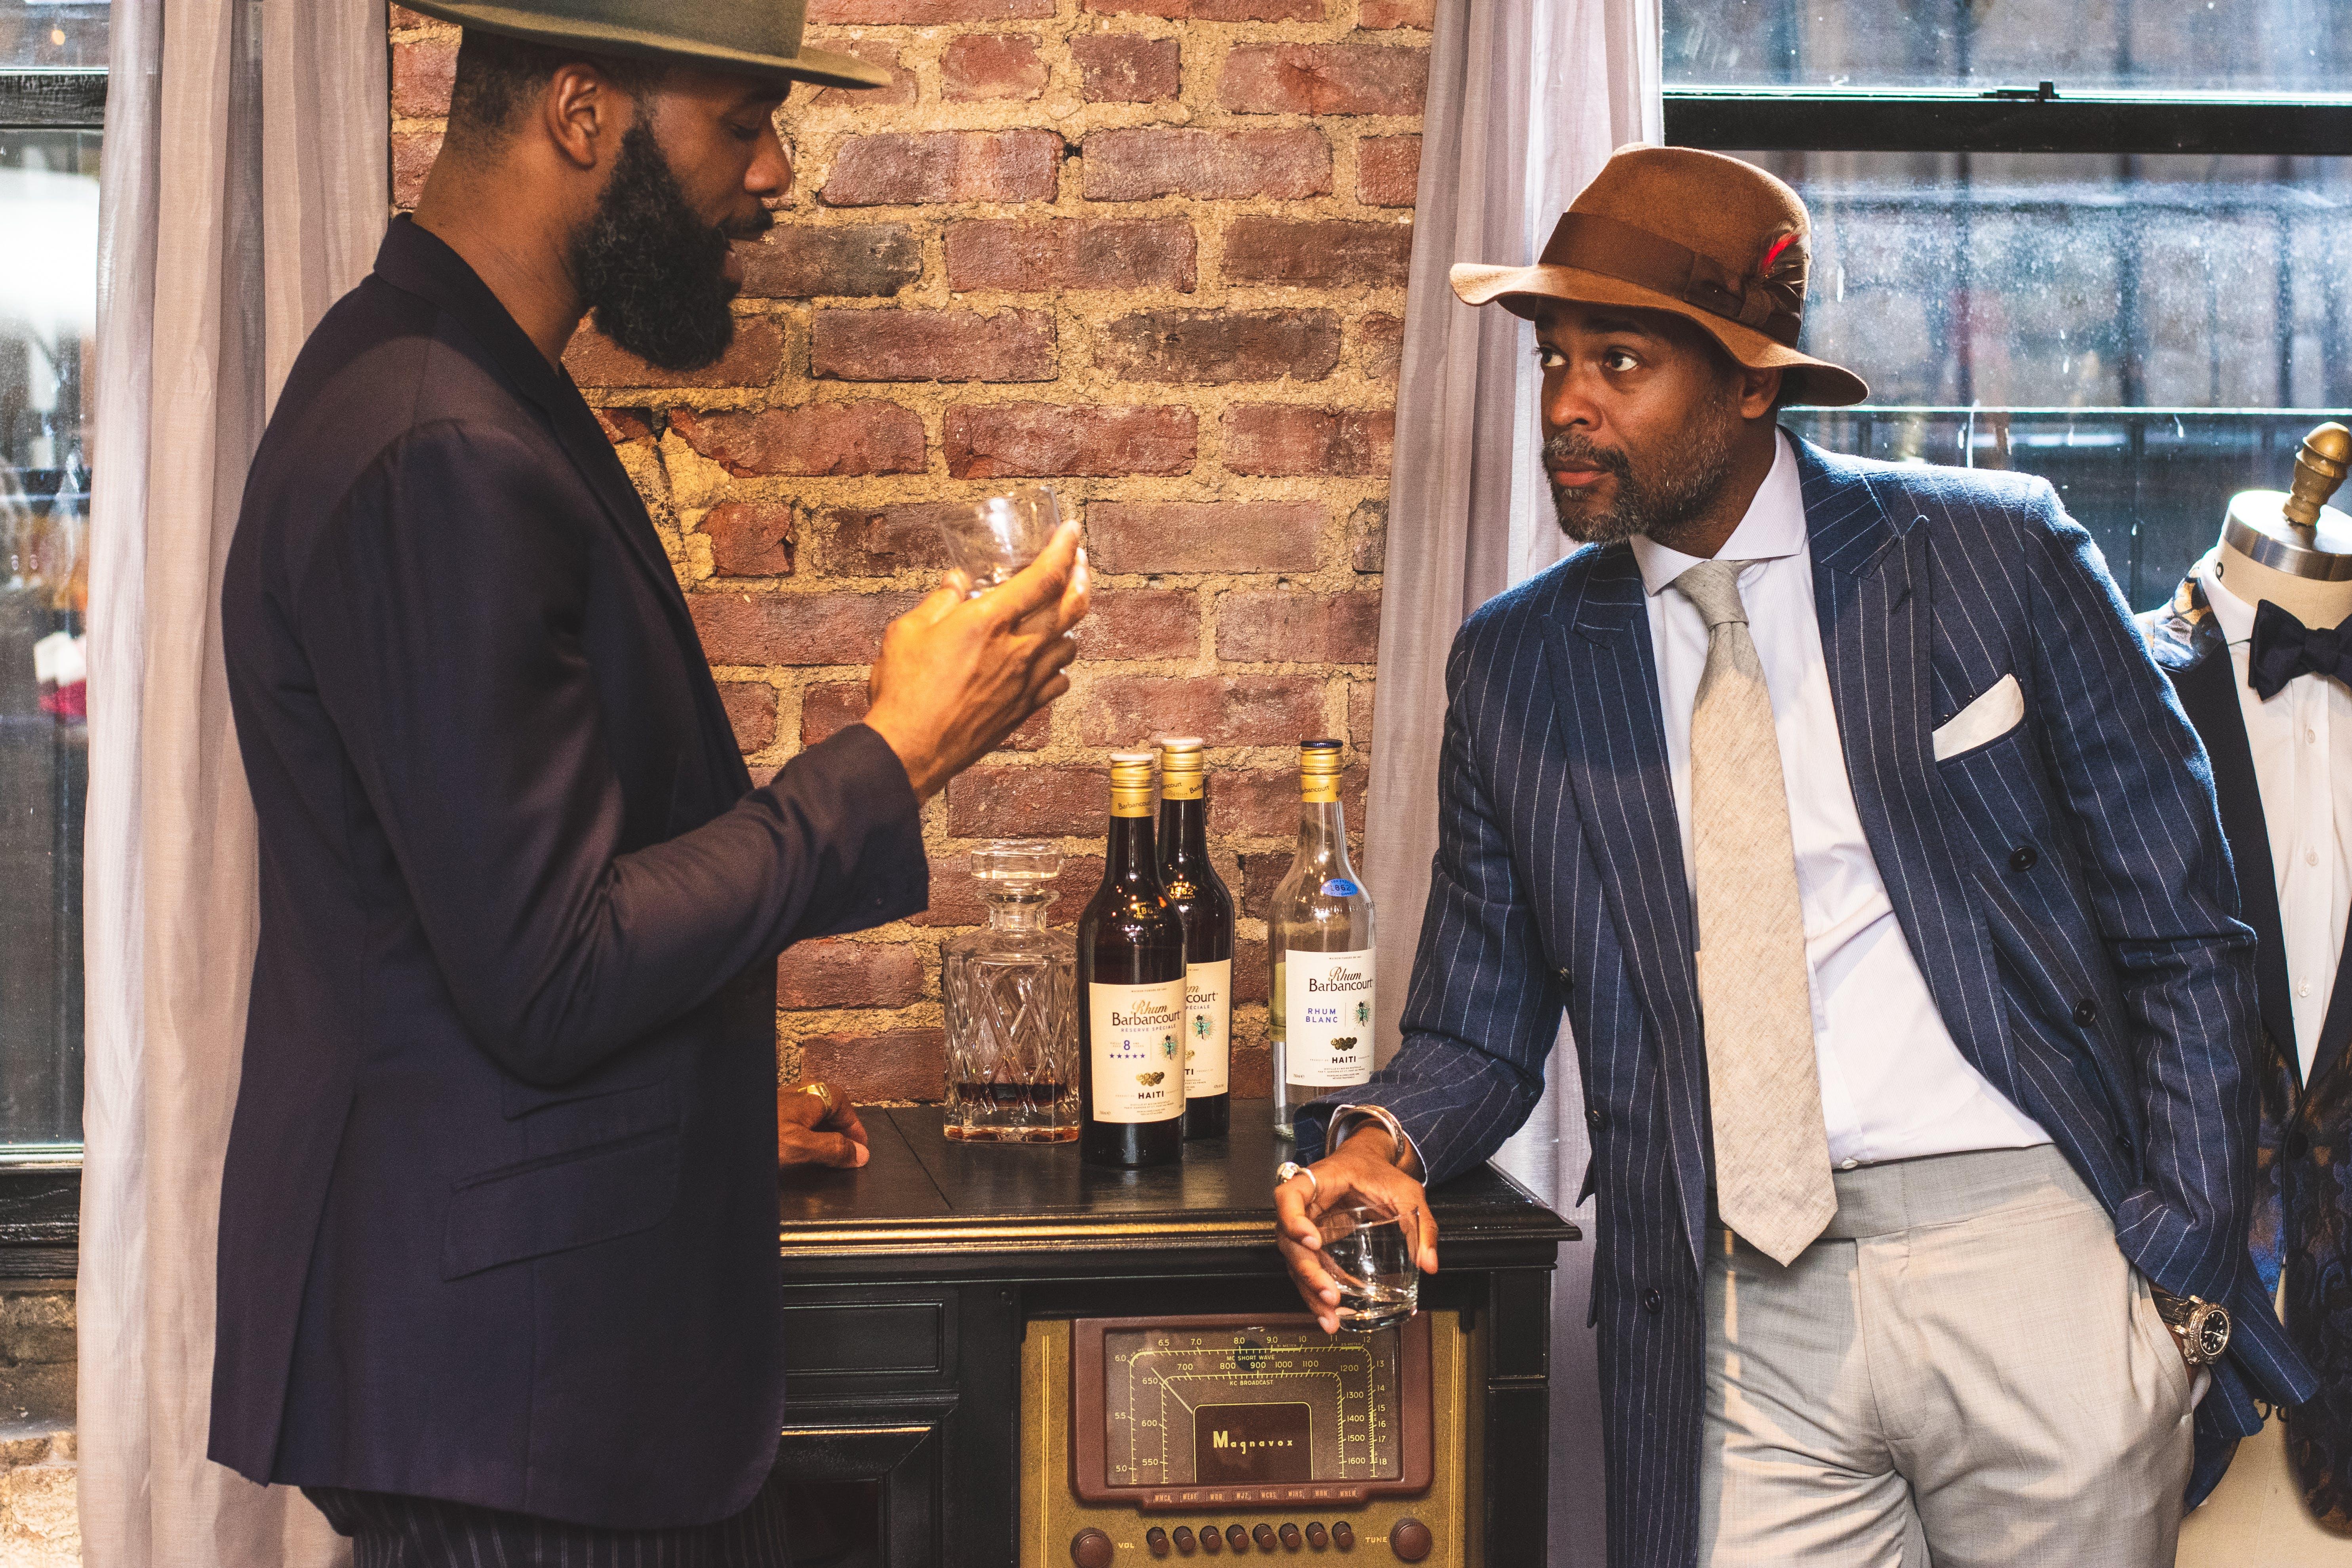 Two Men Holding Shot Glasses